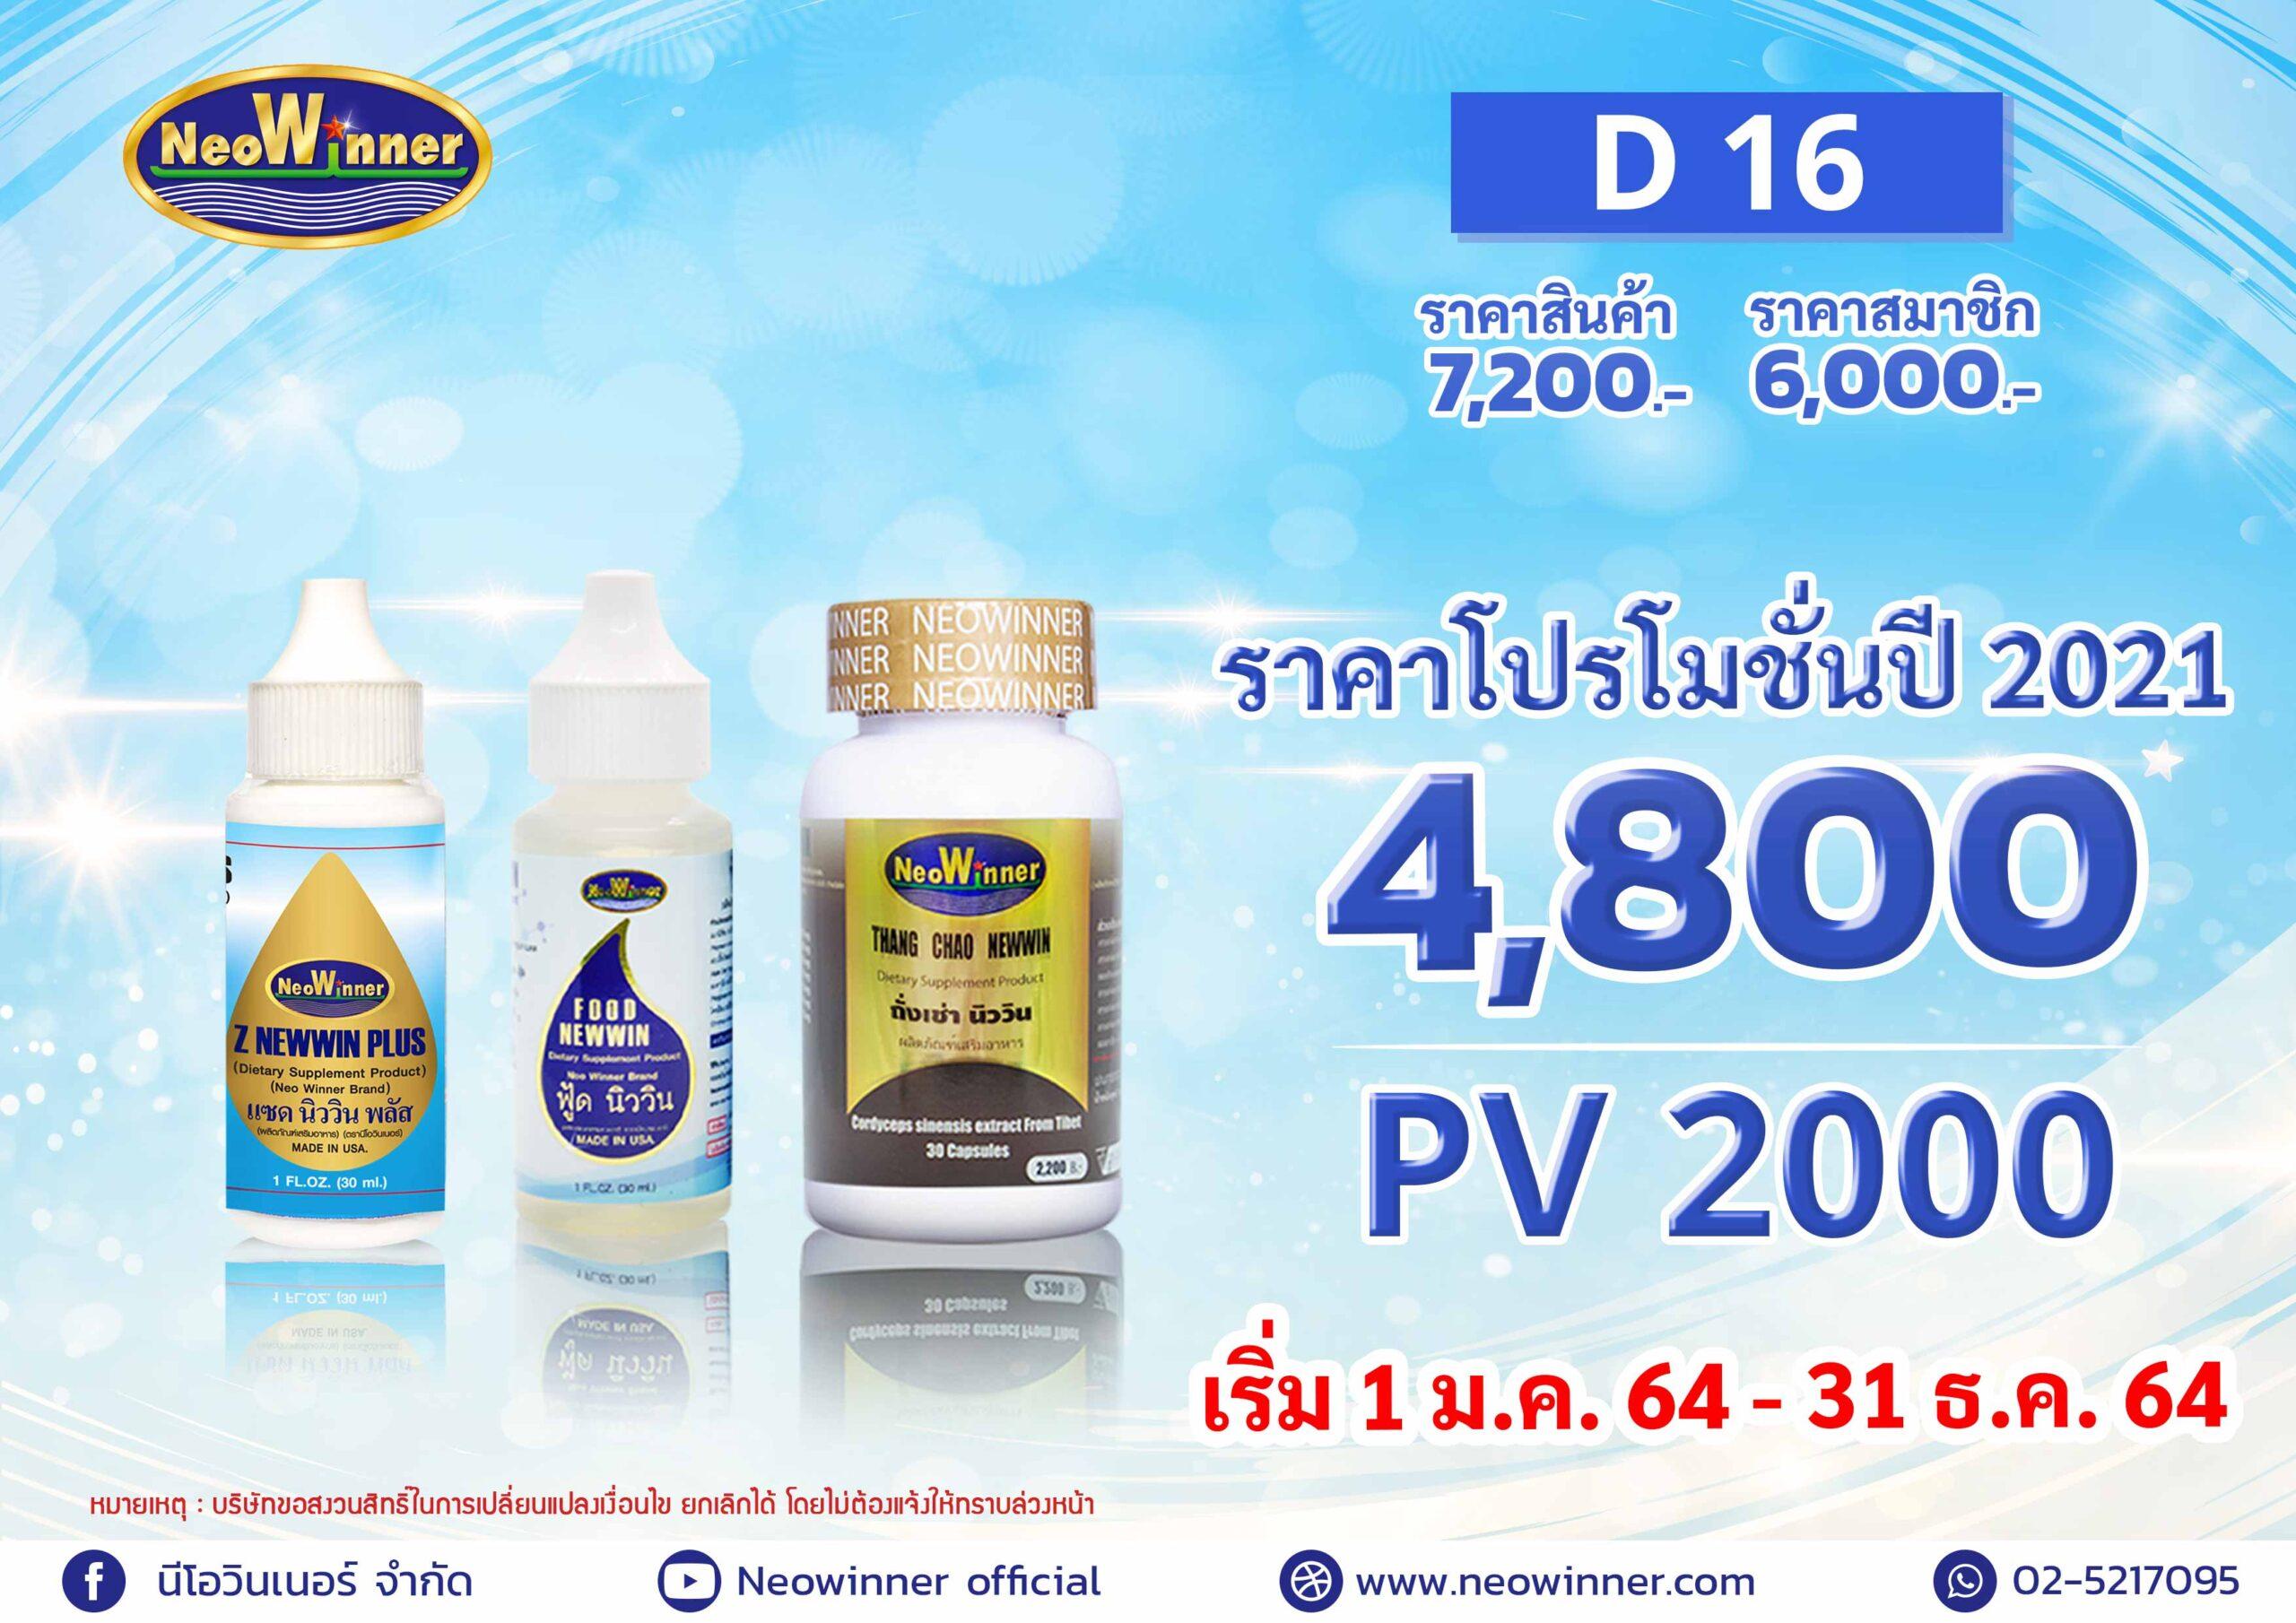 Promotion-D-16-2021